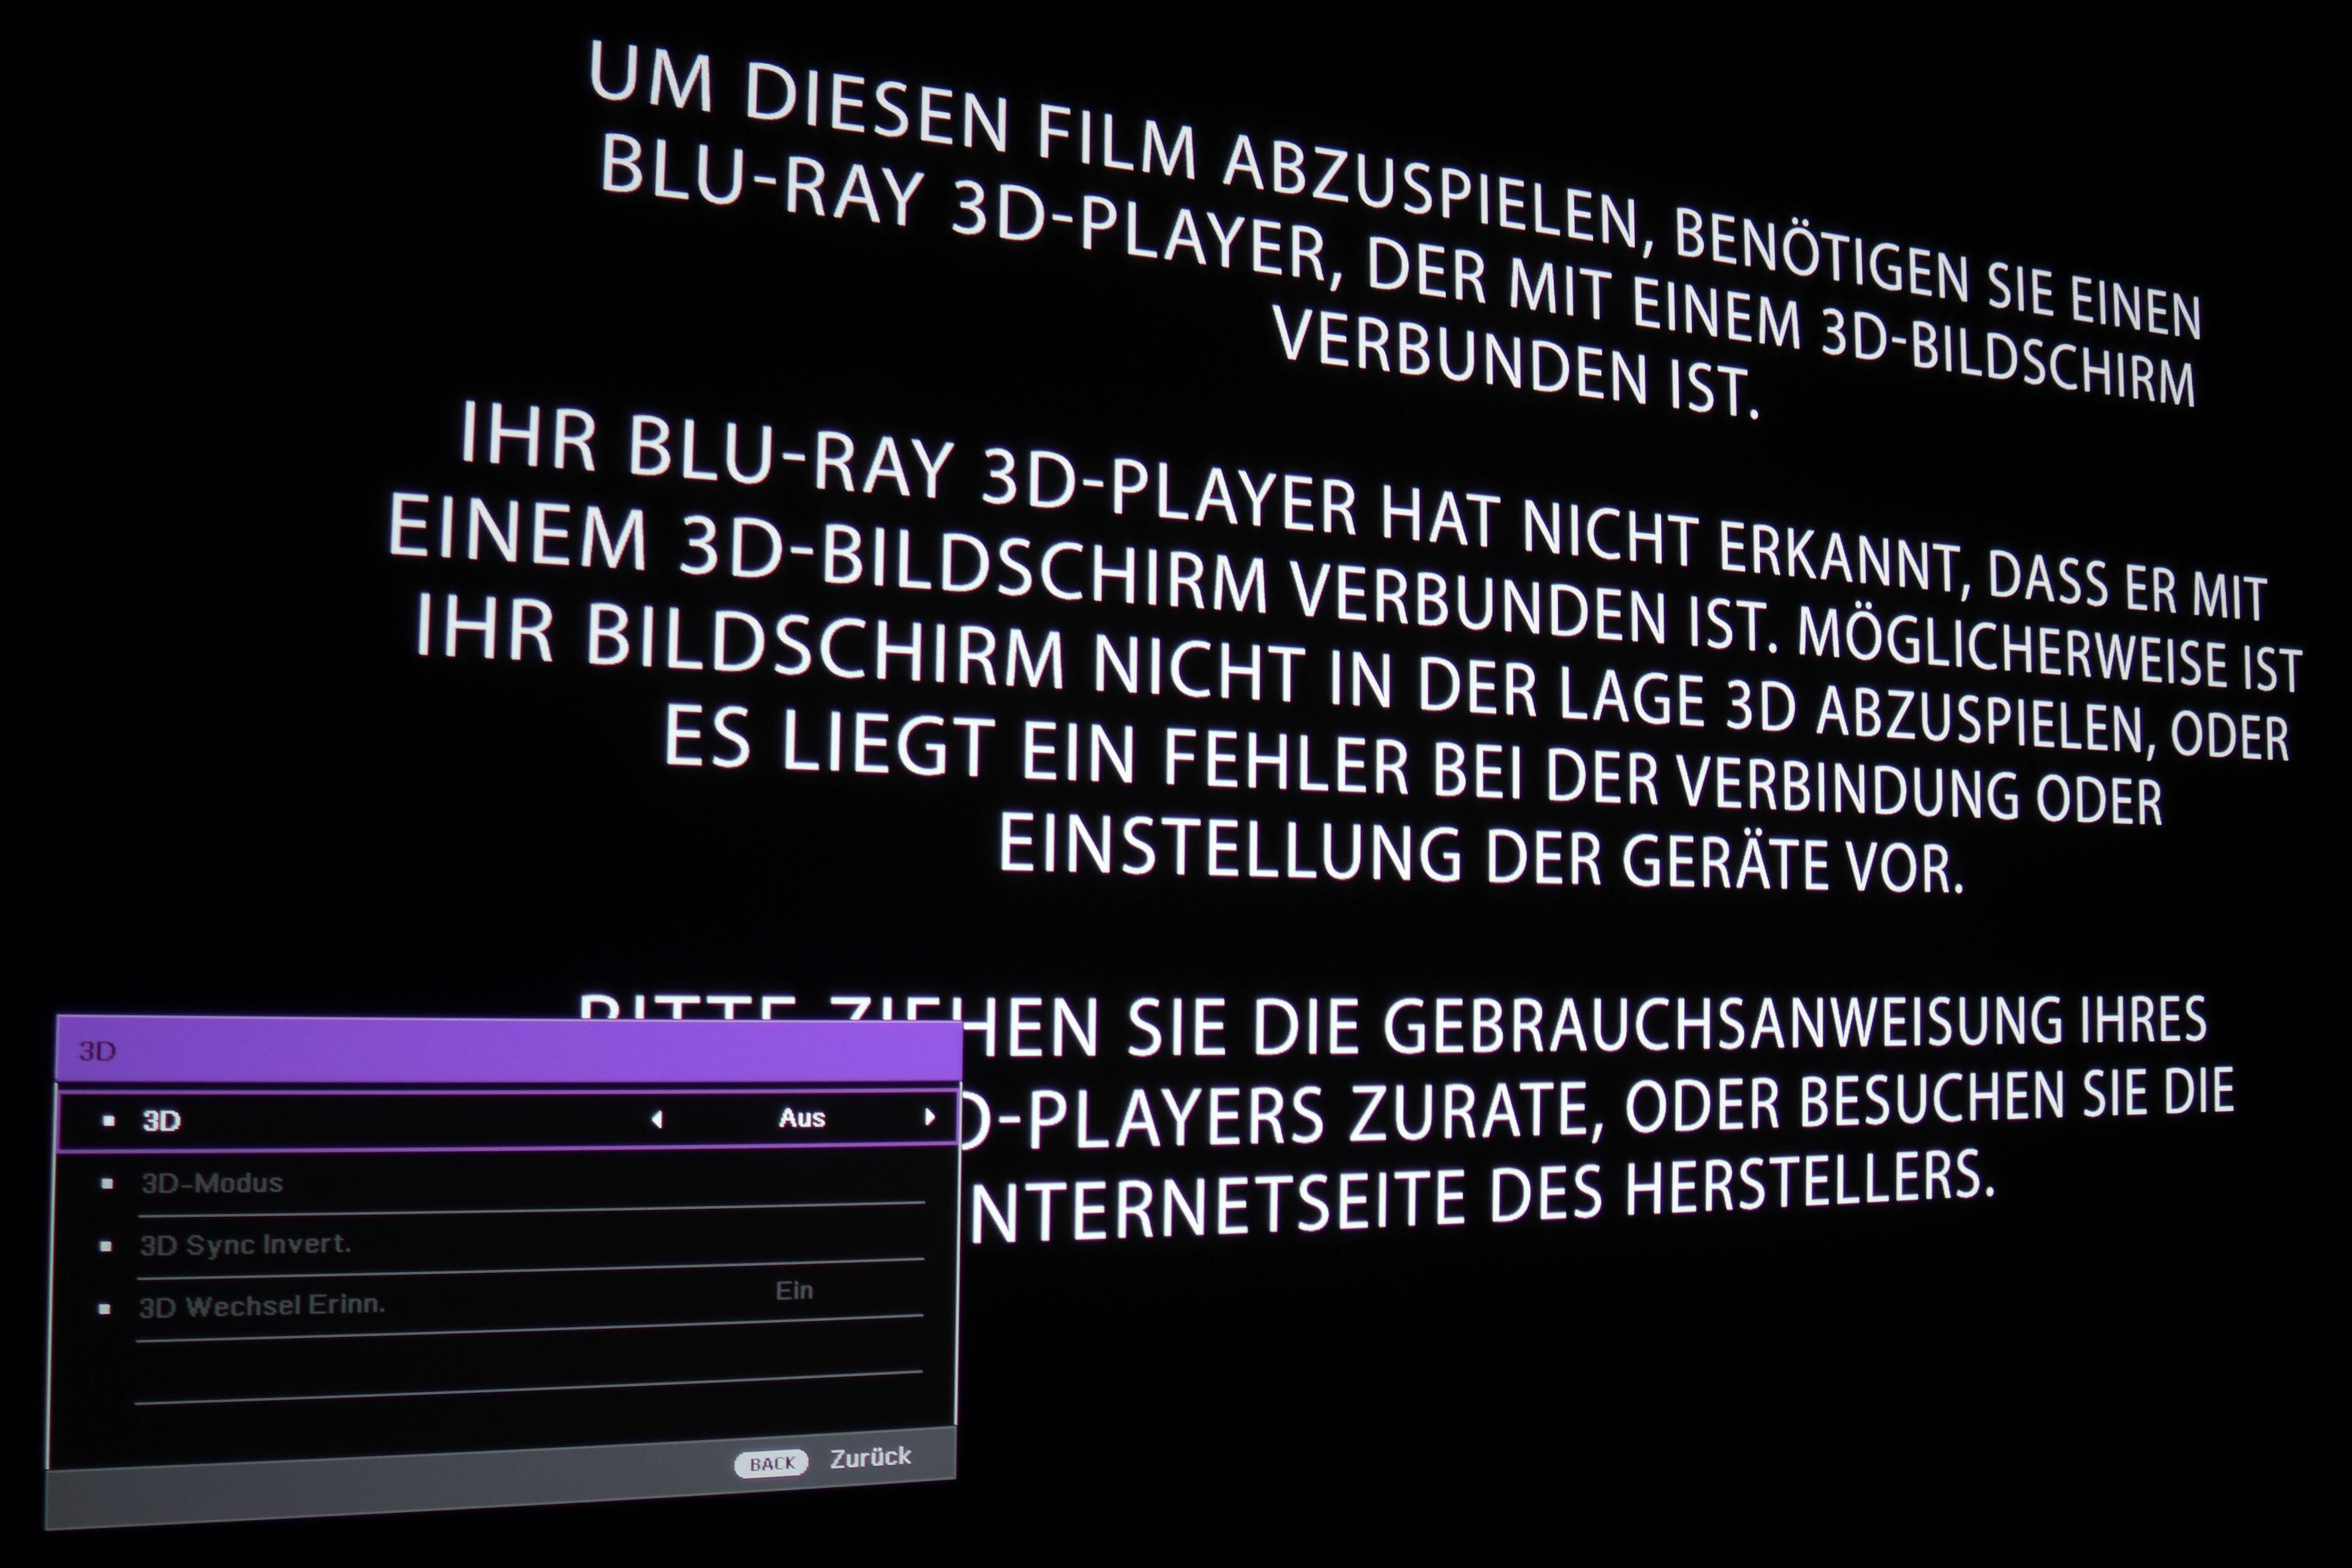 """Bevor eine 3D-Version gestartet werden kann, muss im Menü des BenQ TK800 händisch 3D auf """"Ein"""" geschaltet werden. Nach Beendigung muss das 3D-Feature auf """"Aus"""" geschaltet werden, damit wieder 4K mit XPR-Shift genutzt werden kann. Wird im Menü 3D deaktiviert, während der dreidimensionale Film gerade läuft, zeigt der BenQ TK800 den Film in 2D."""